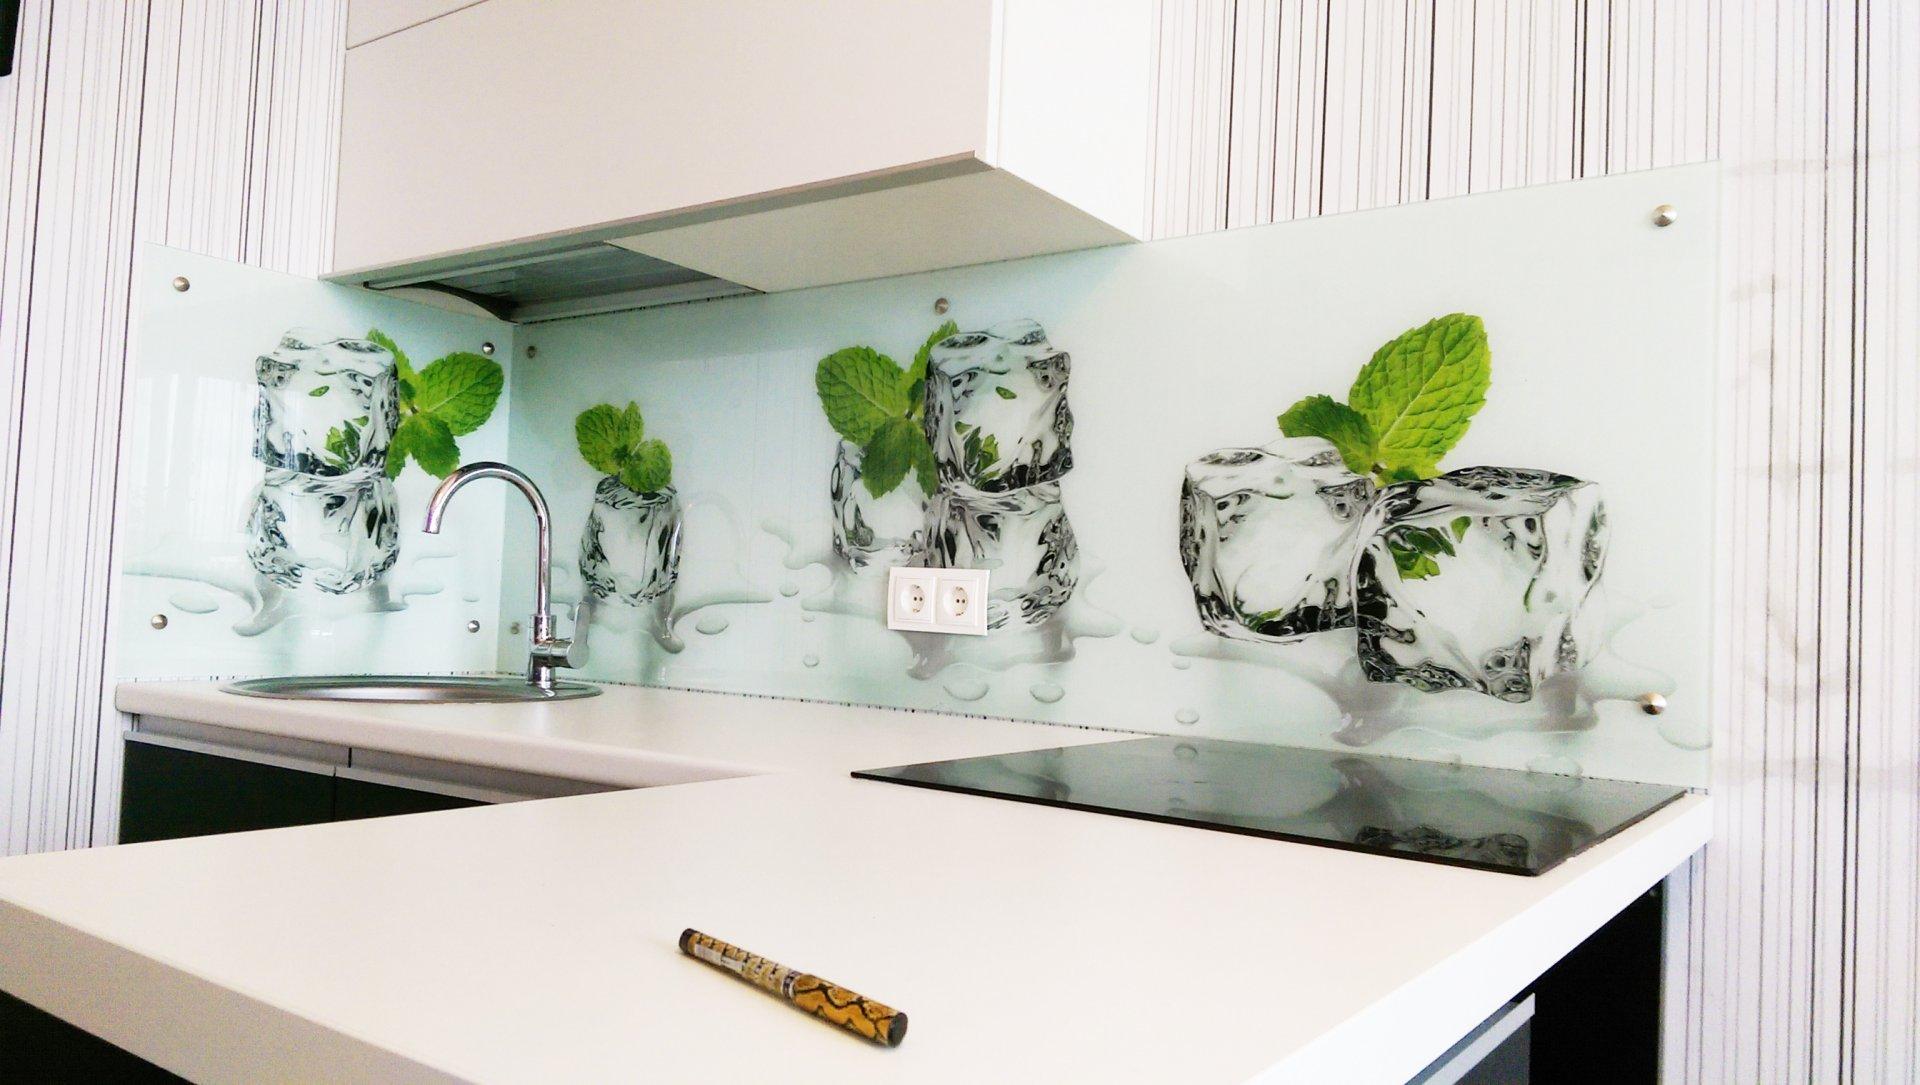 картинки для стекло панели в кухню сути, сегодня